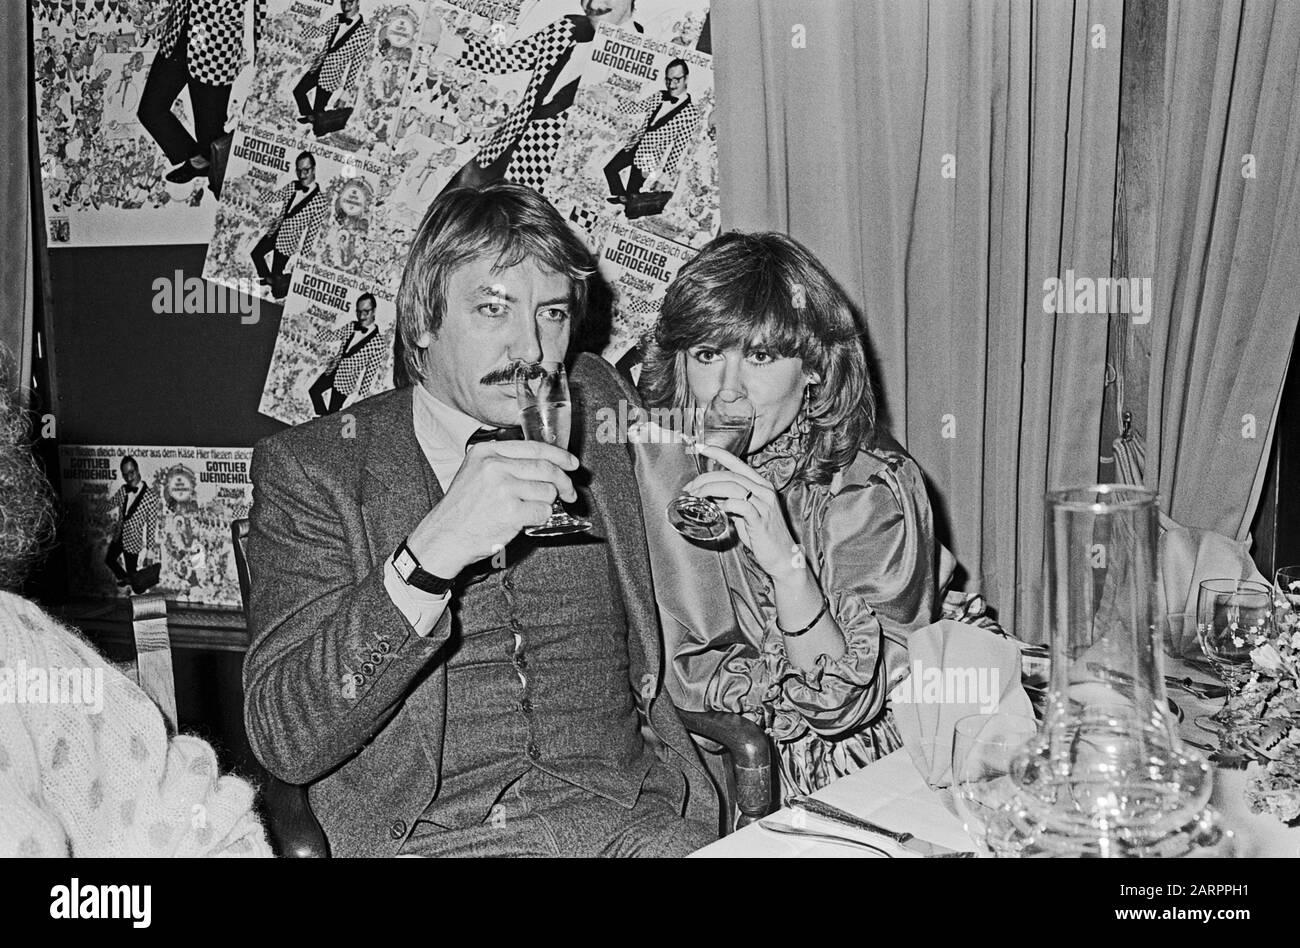 Werner Böhm, deutscher Schlagersänger und Musiker, nimmt einen Drink mit Ehefrau Mary Roos, Deutschland 1982. German schlager singer and musician Werner Boehm having a drink with his wife Mary Roos, Germany 1982. Stock Photo